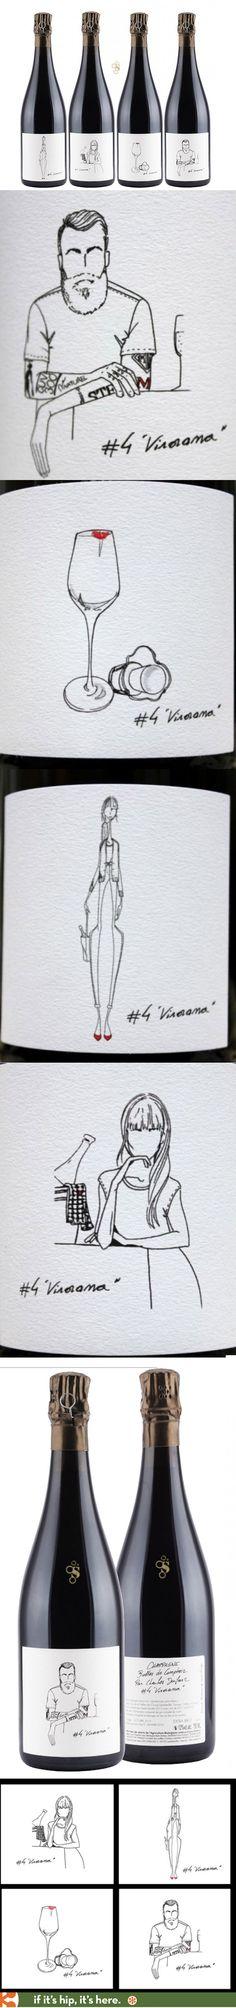 Charles Dufour's Bulles de Comptoir (extra brut champagne) Vinorama #4 series